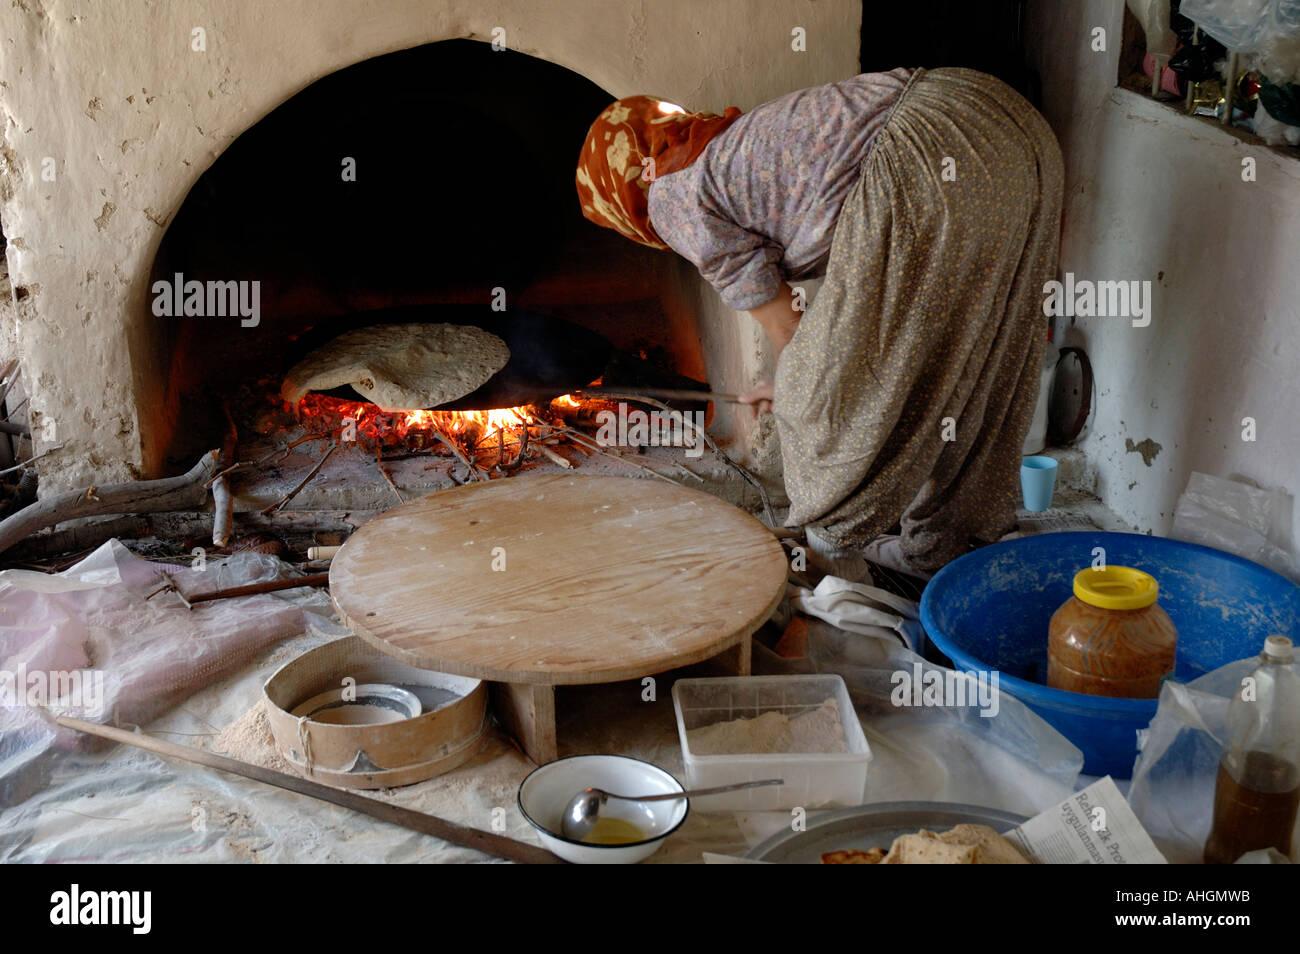 Turkish woman making flat bread in fireplace in home near village ...